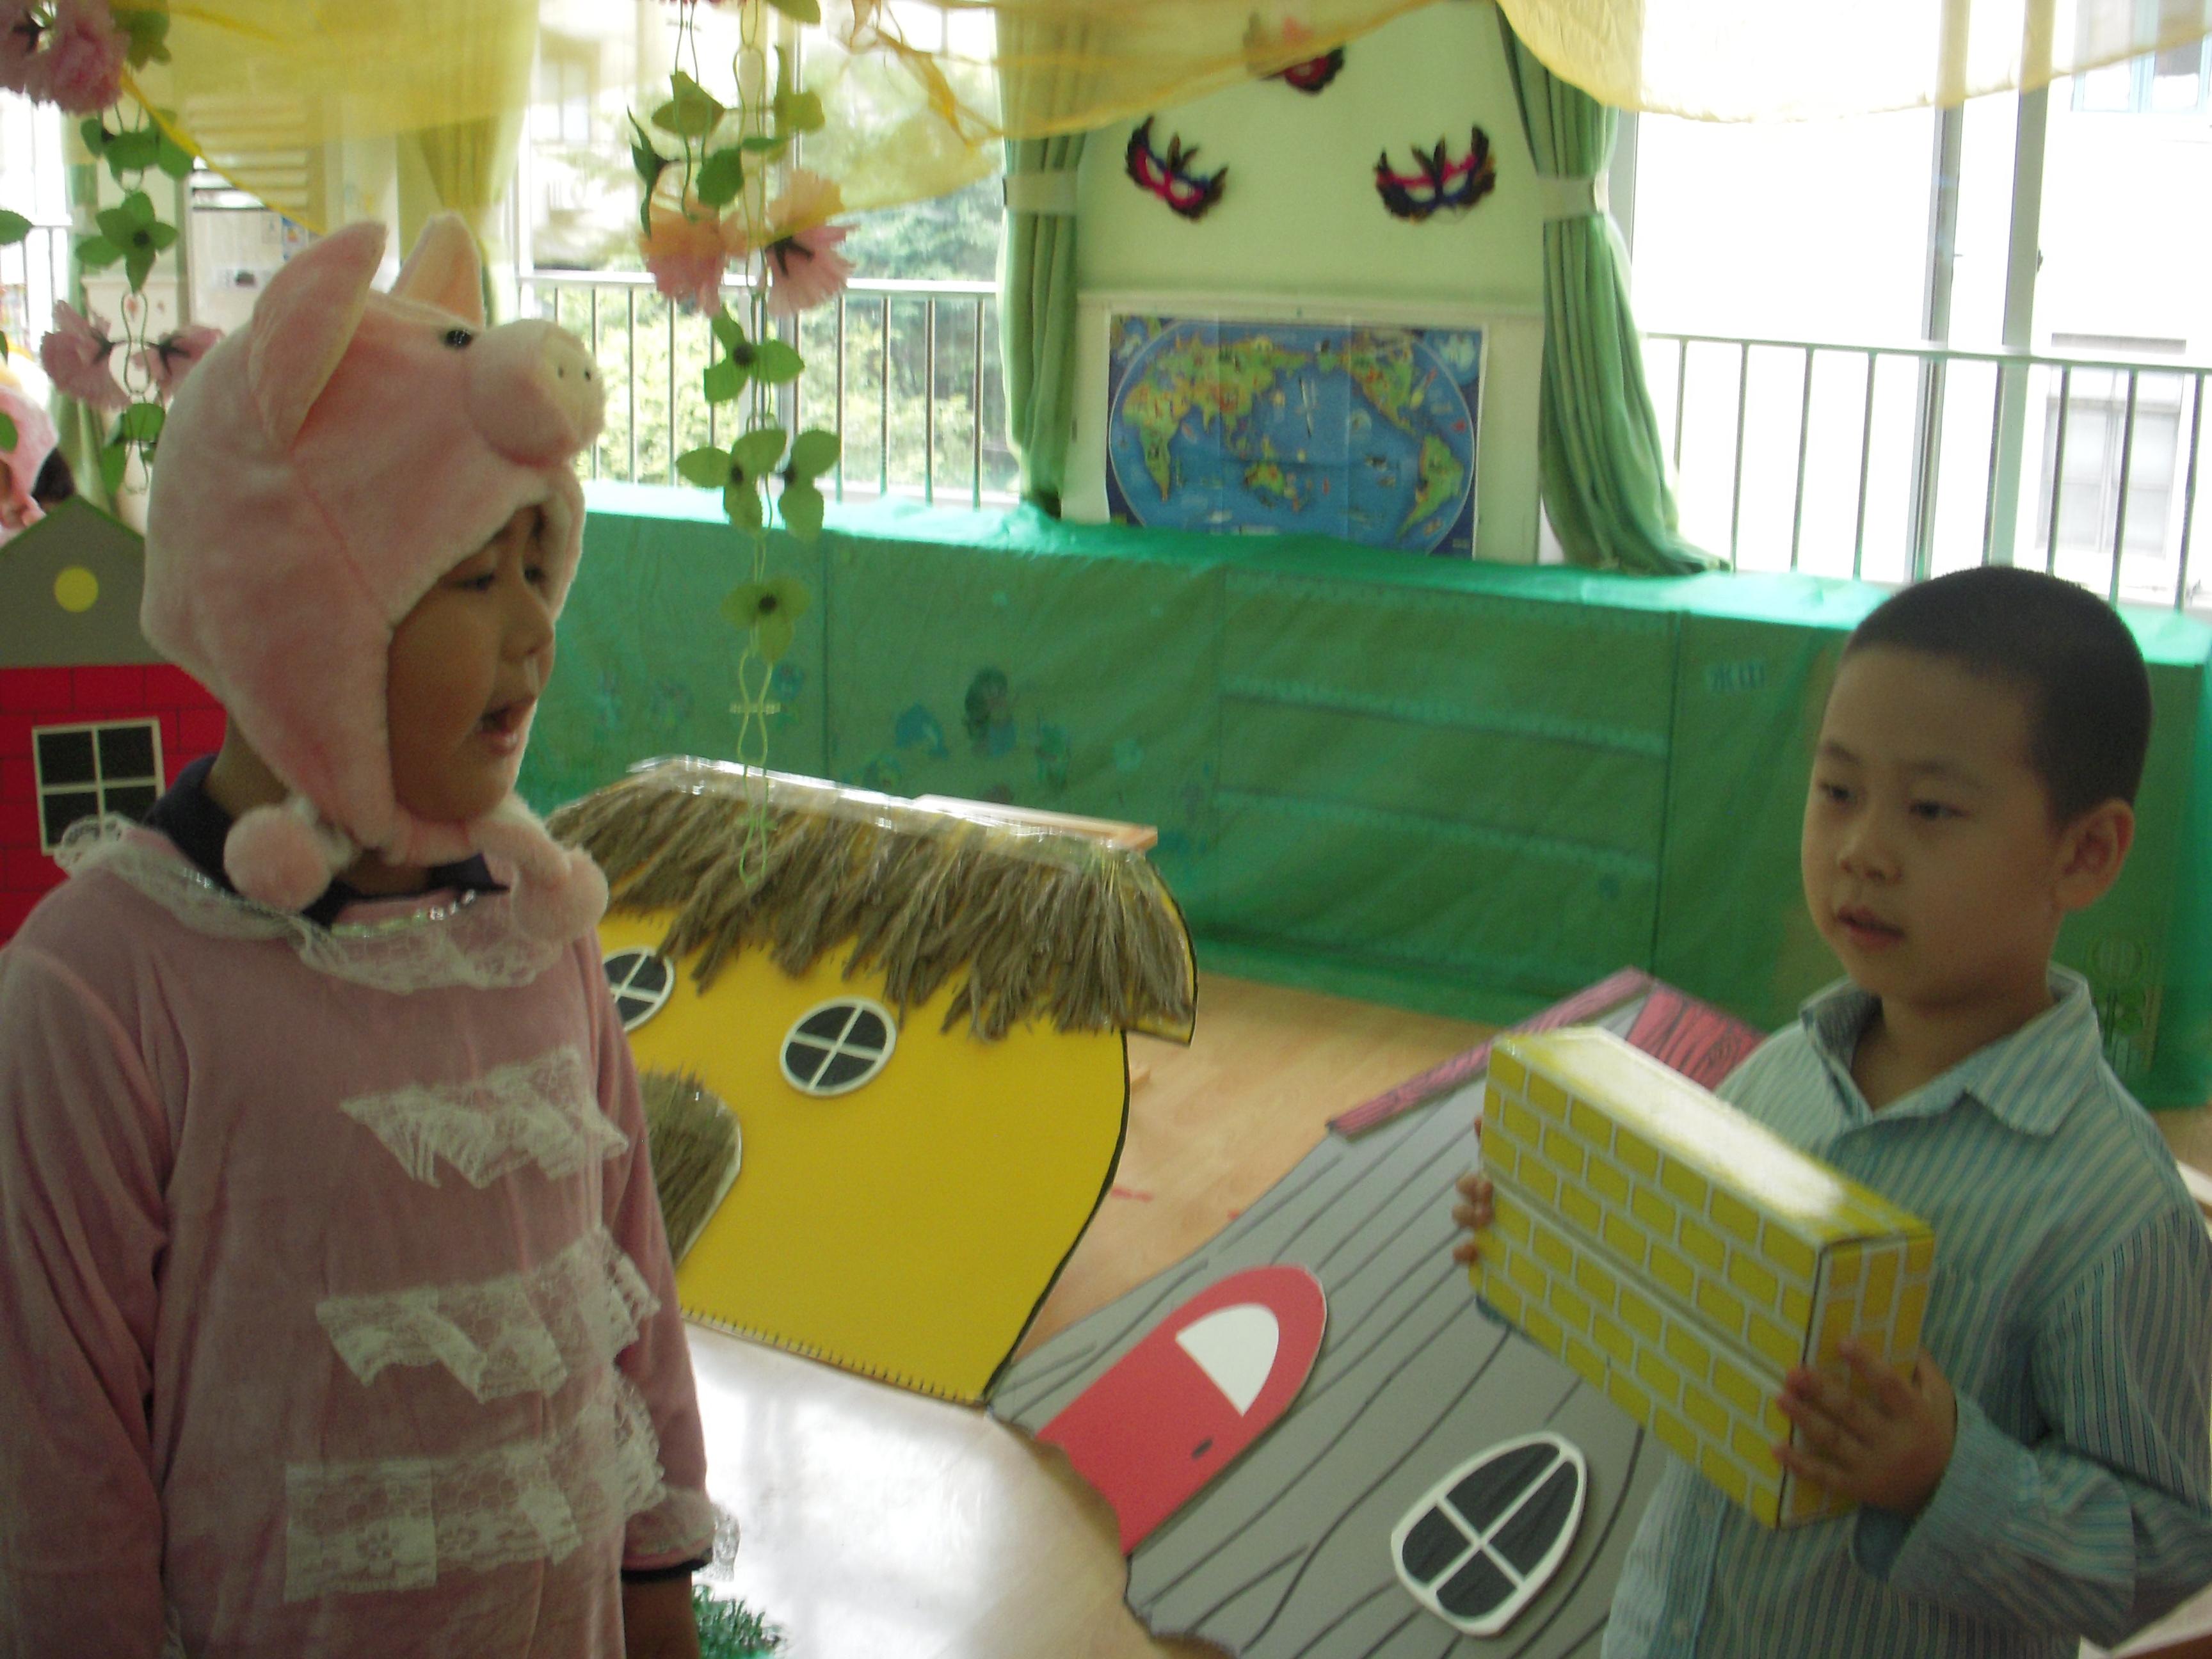 童话剧表演:三只小猪造房子